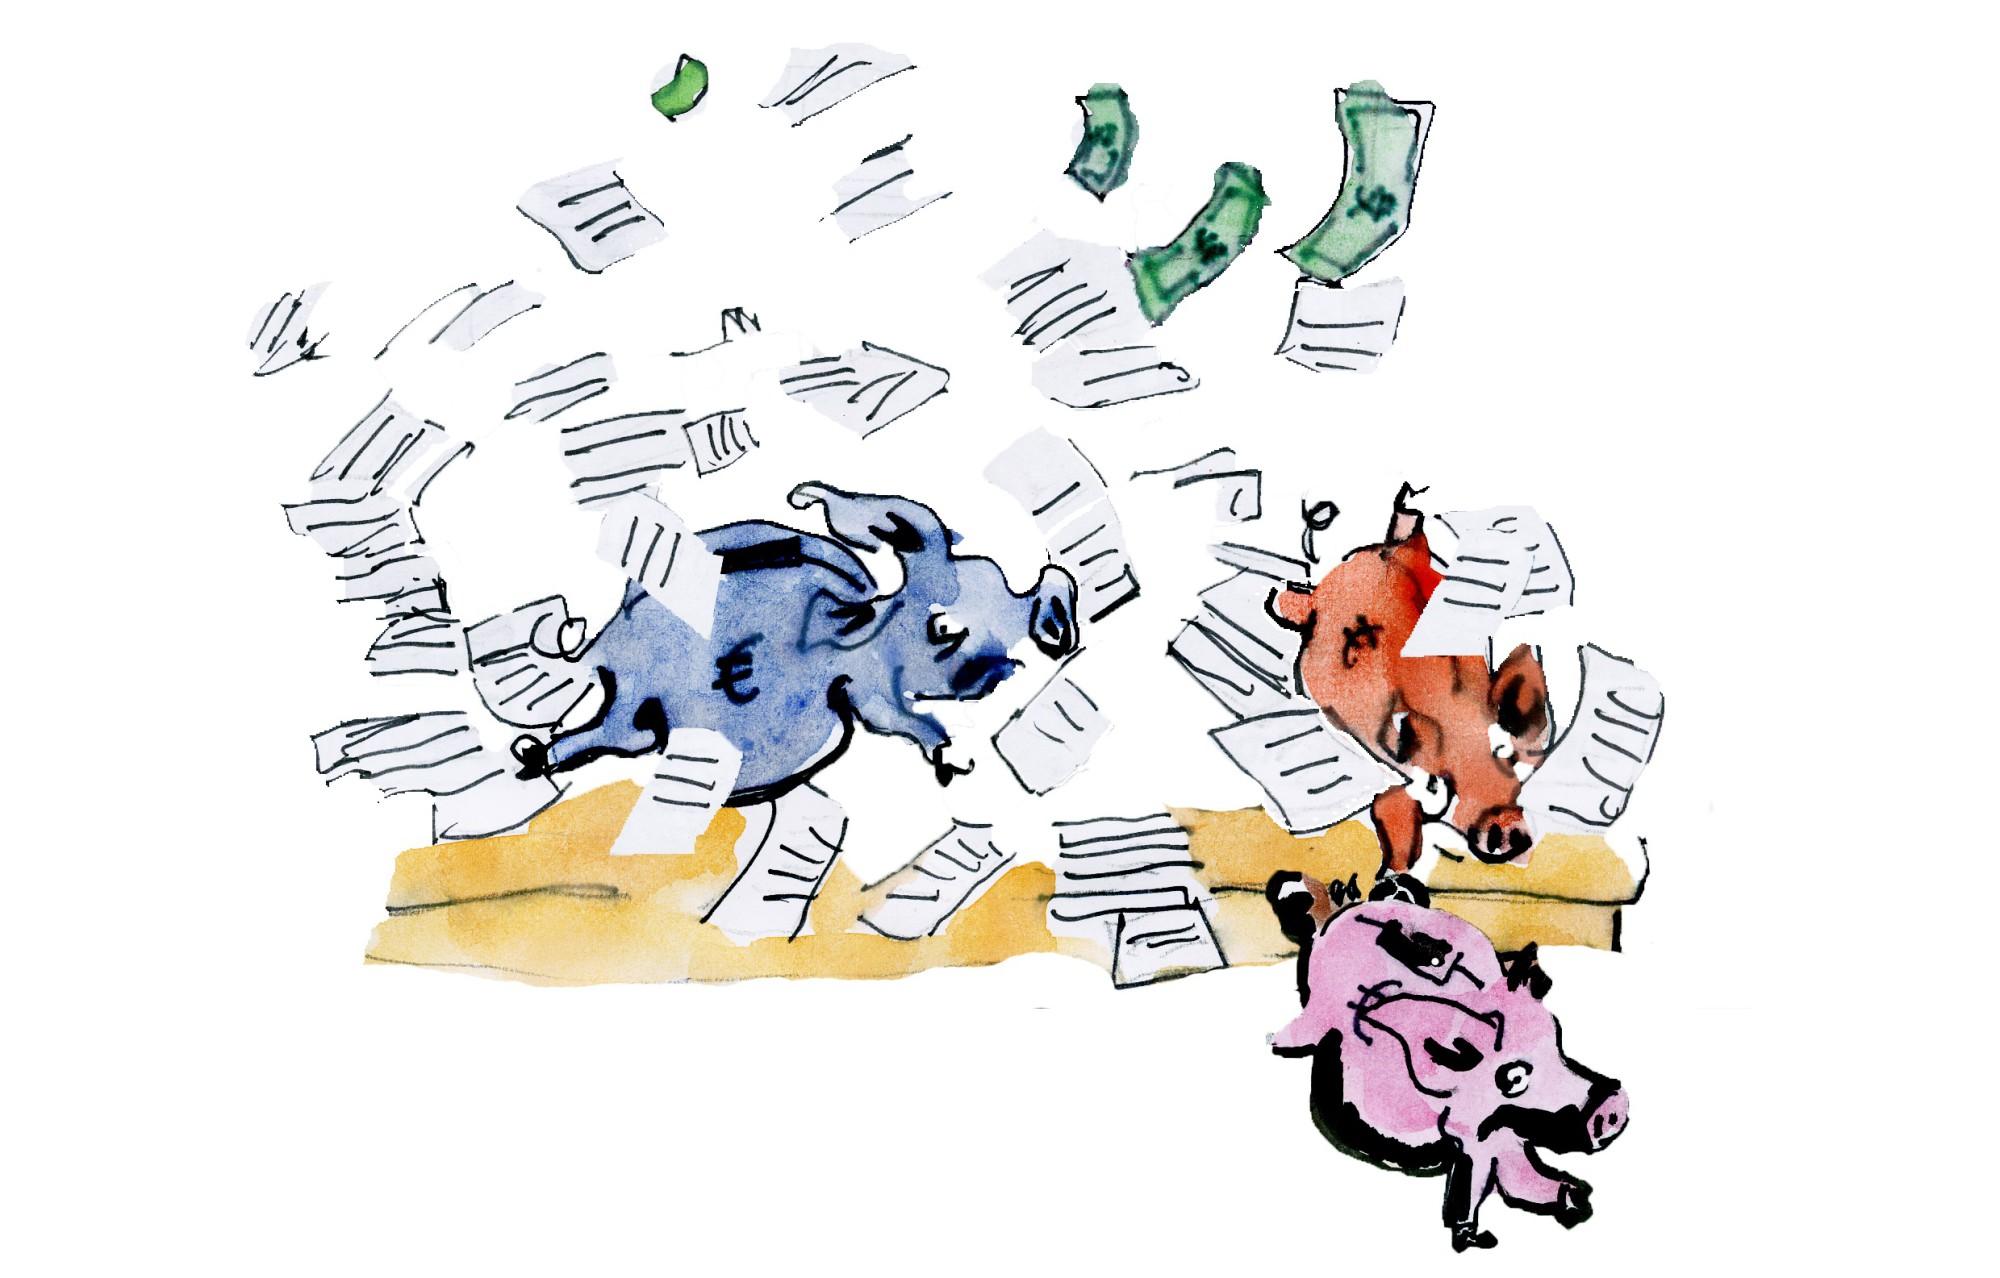 Viel Wirbel um das liebe Geld: der Strukturplan. Illustration: Julia Fabricius